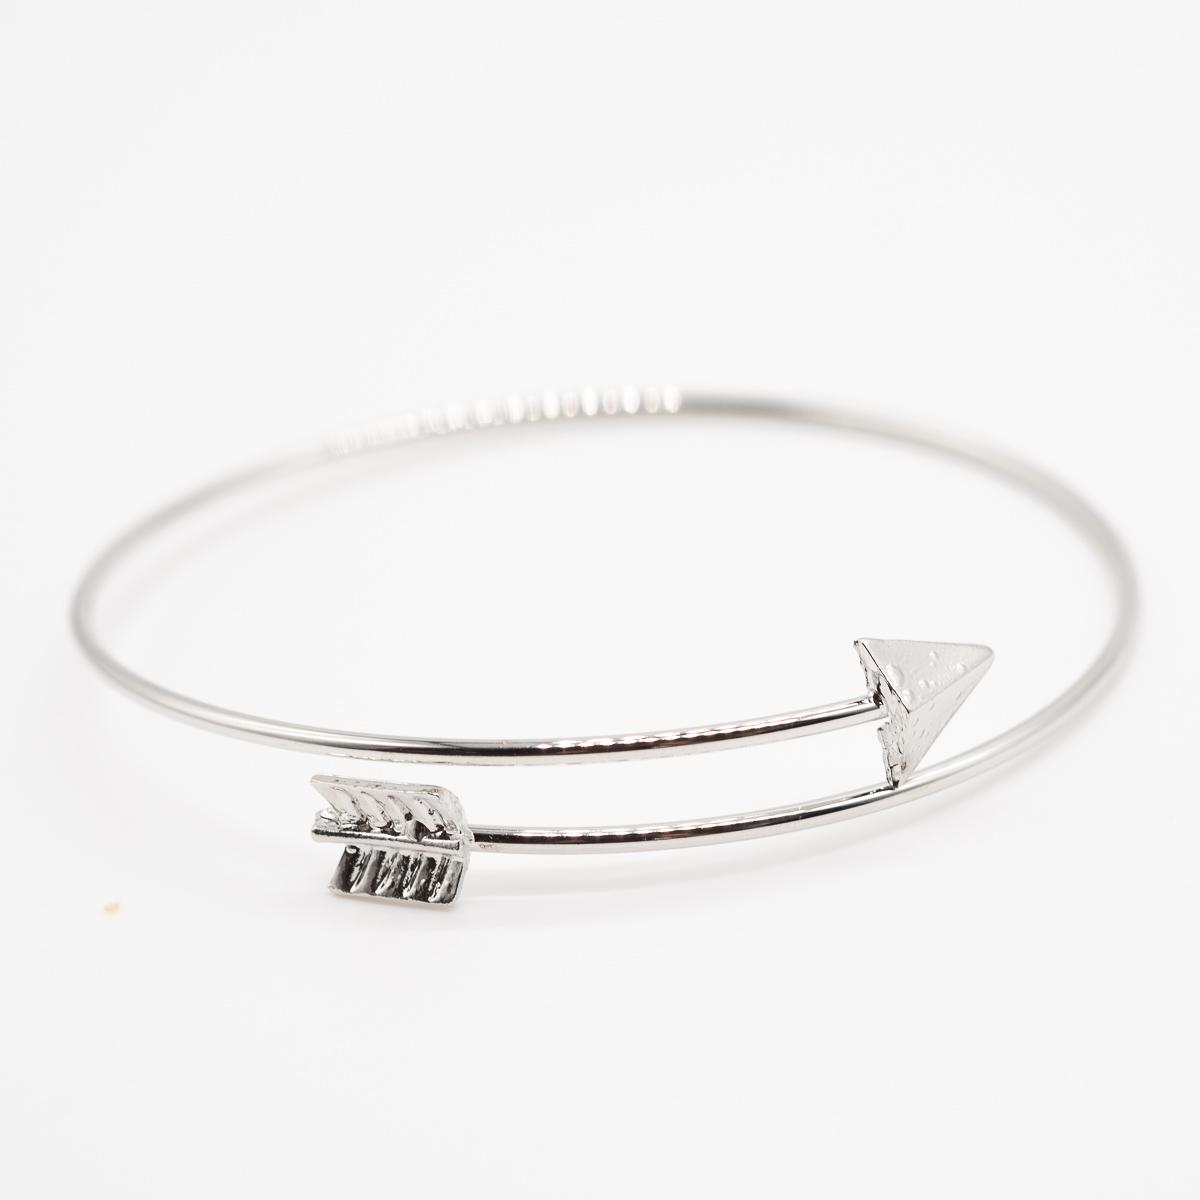 BCT-014 zilver pijl bohemian armband metaal